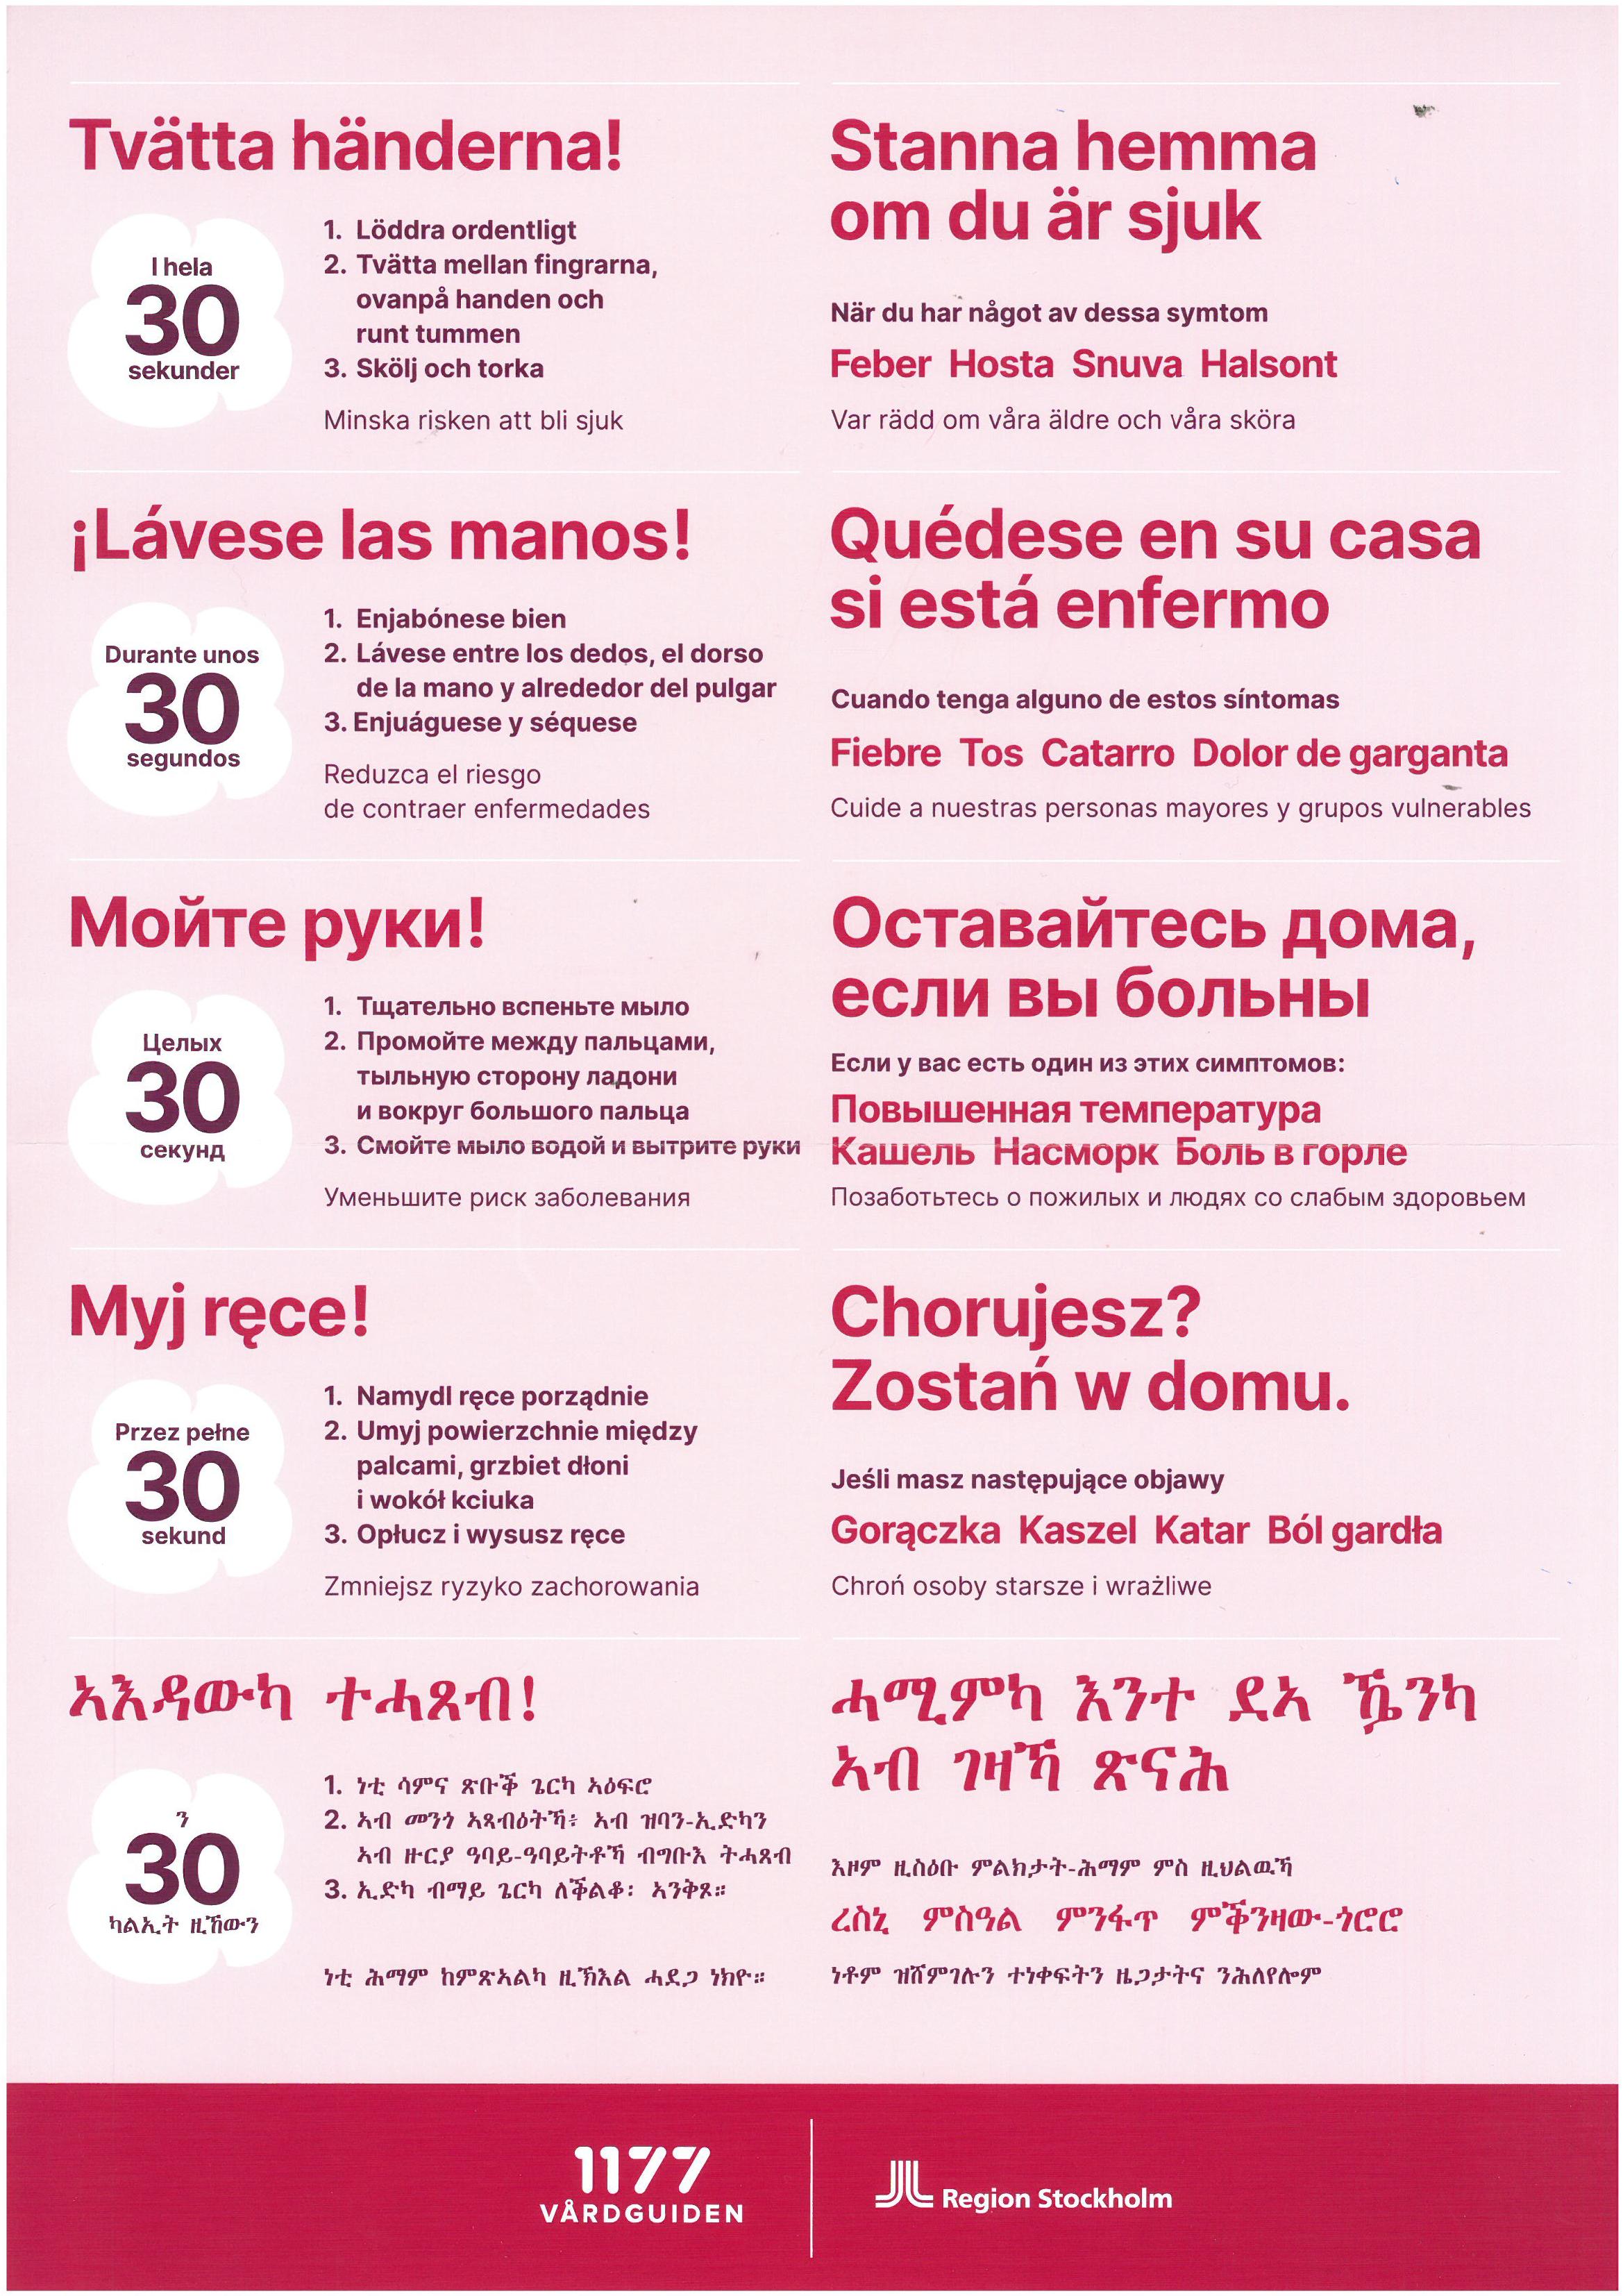 Coronarekommendation Olika Språk Sida 2